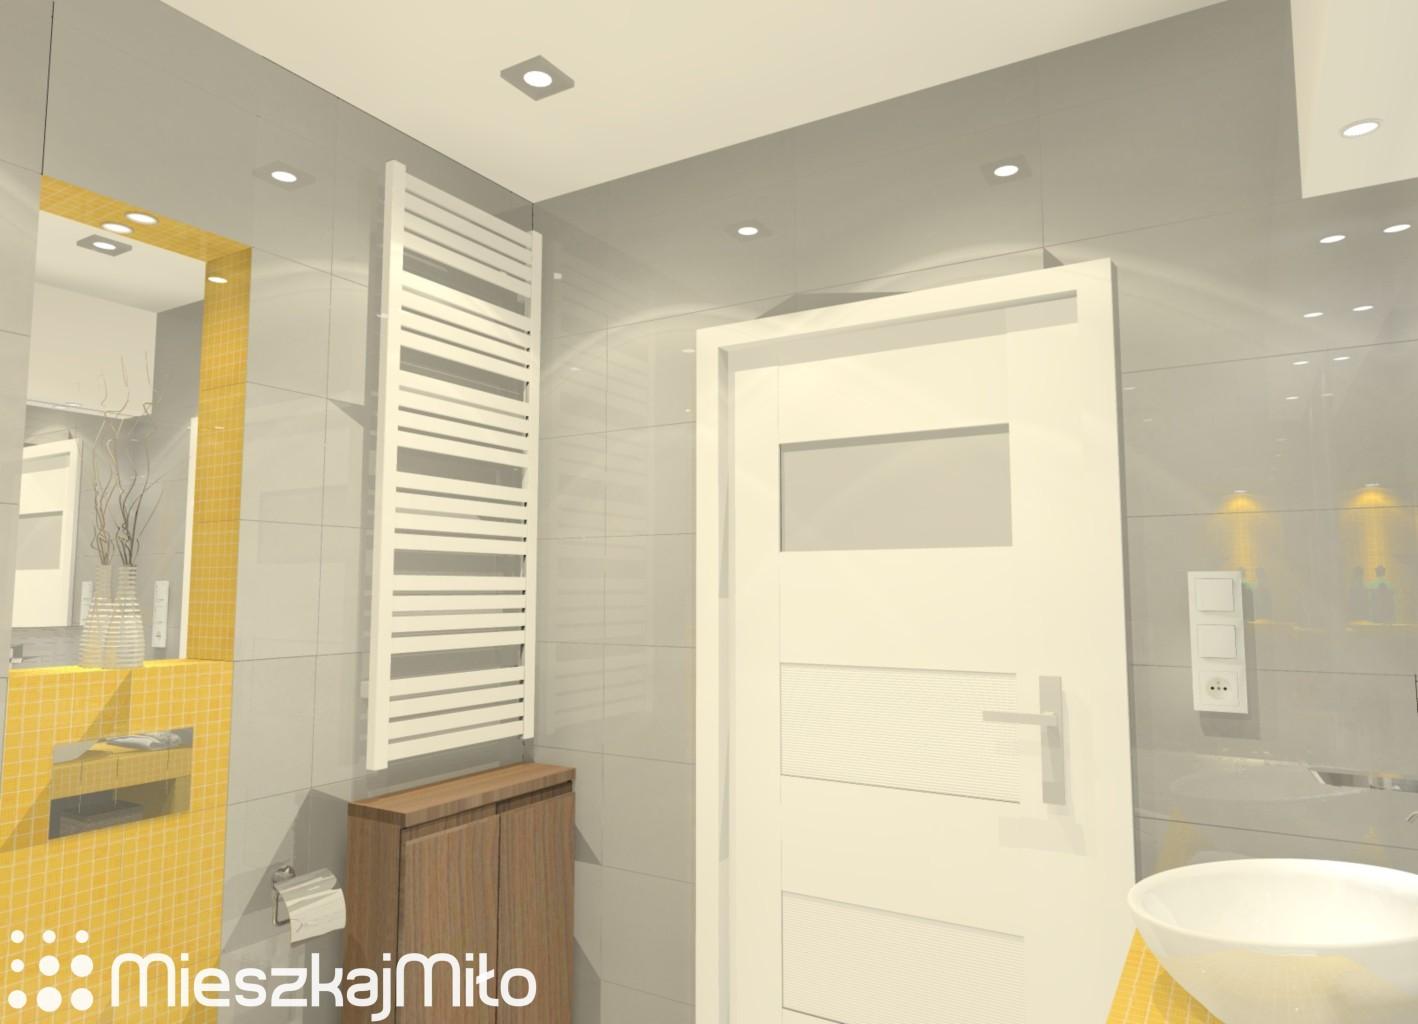 Aranżacja łazienki Szaro żółtej Mieszkaj Miło